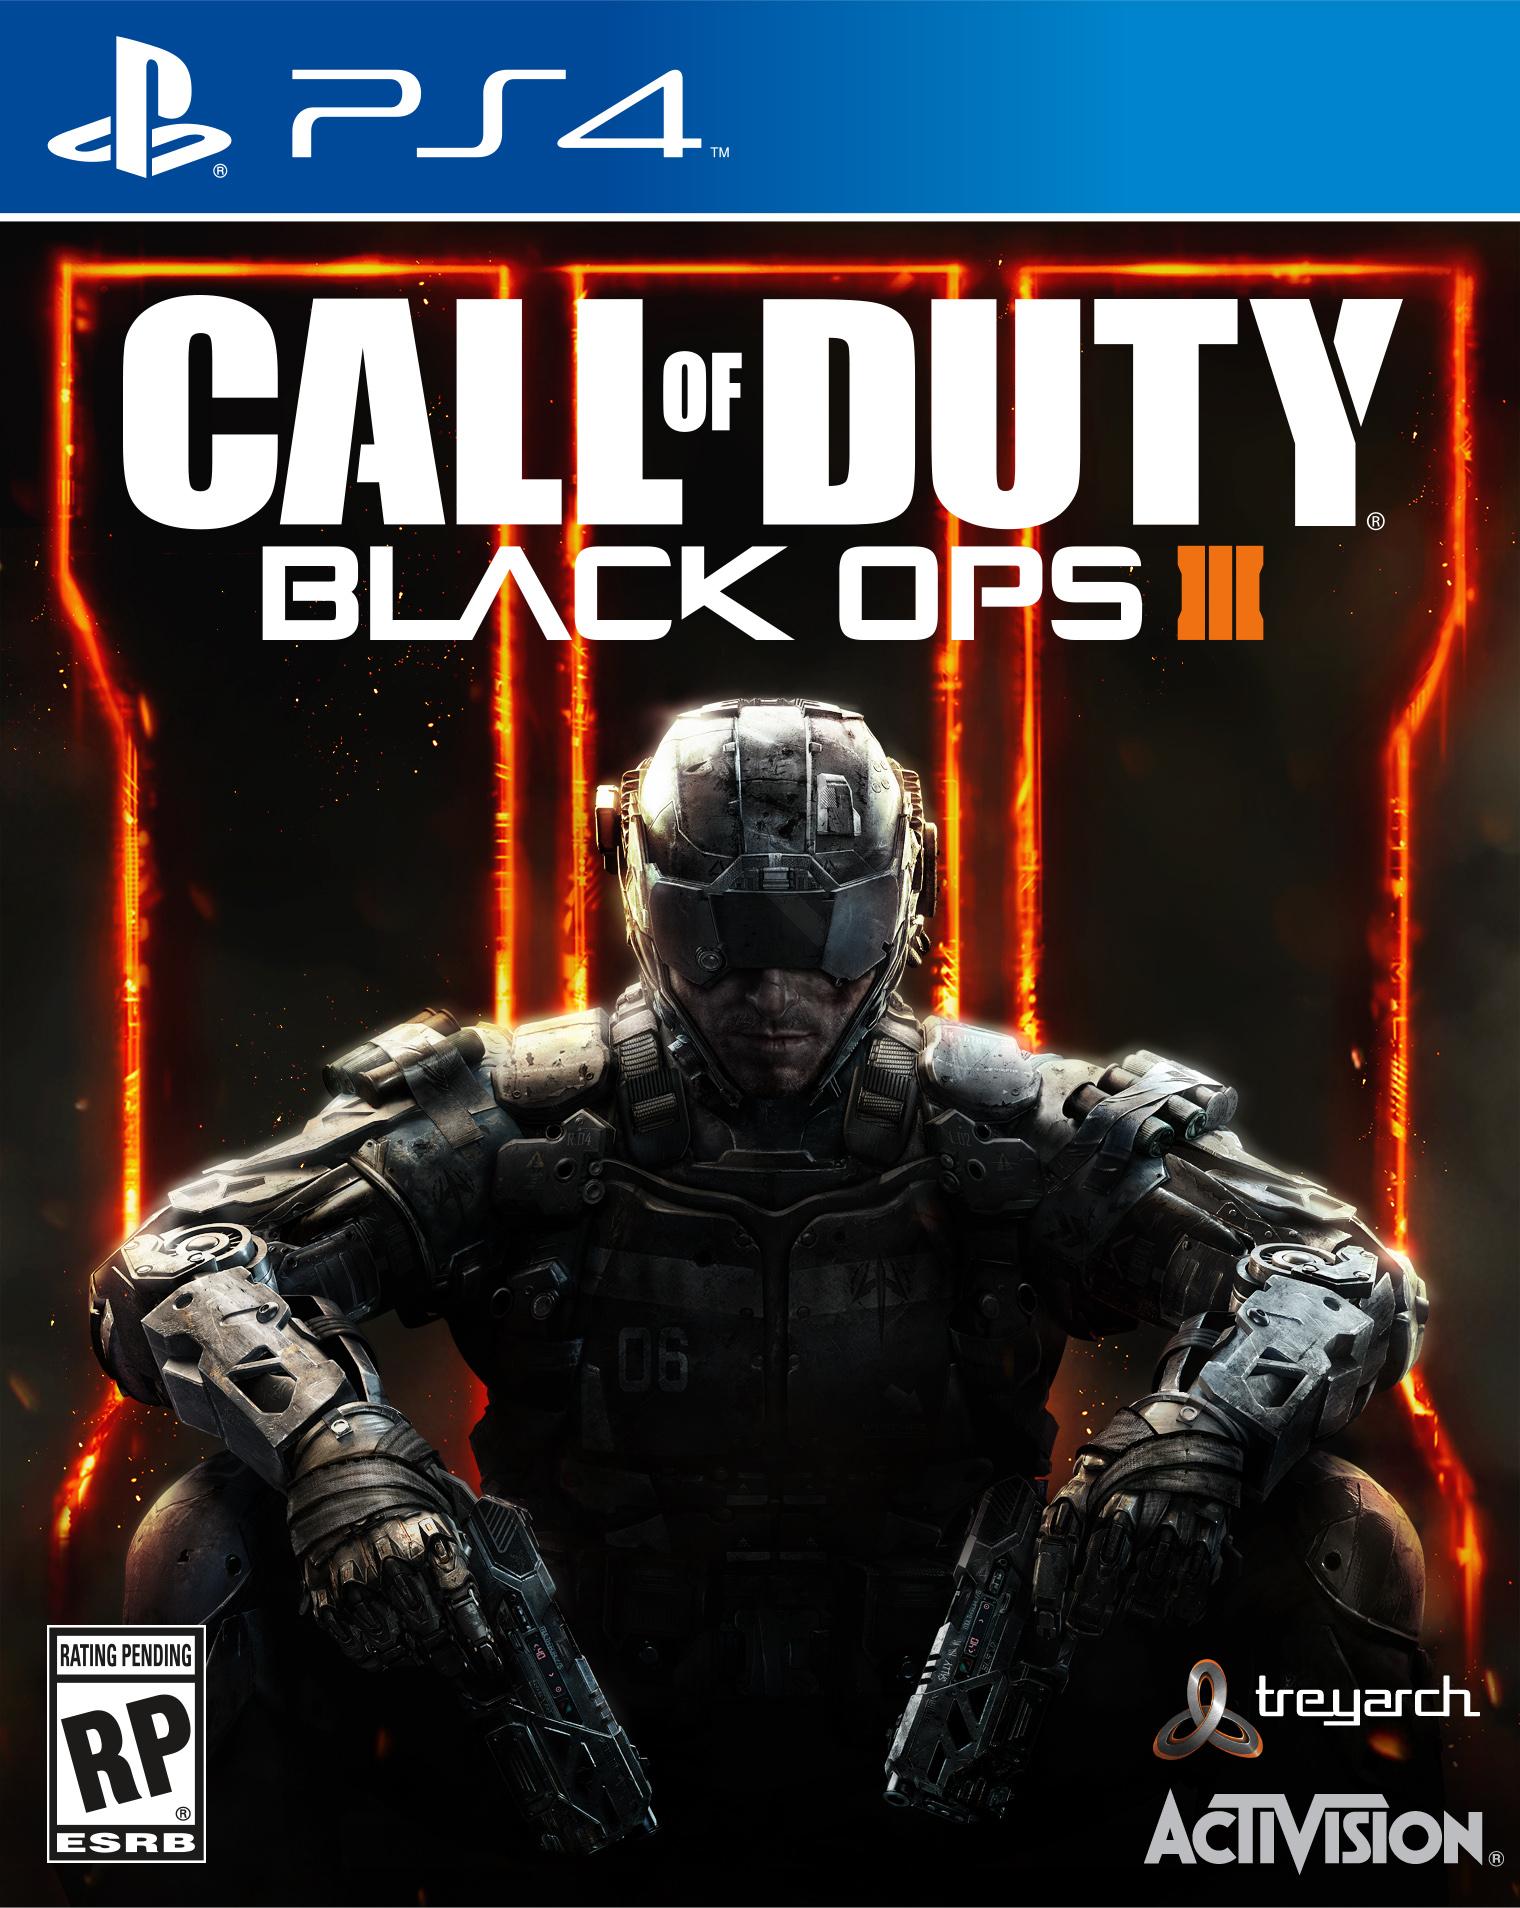 jaquette du jeu vidéo Call of Duty: Black Ops III